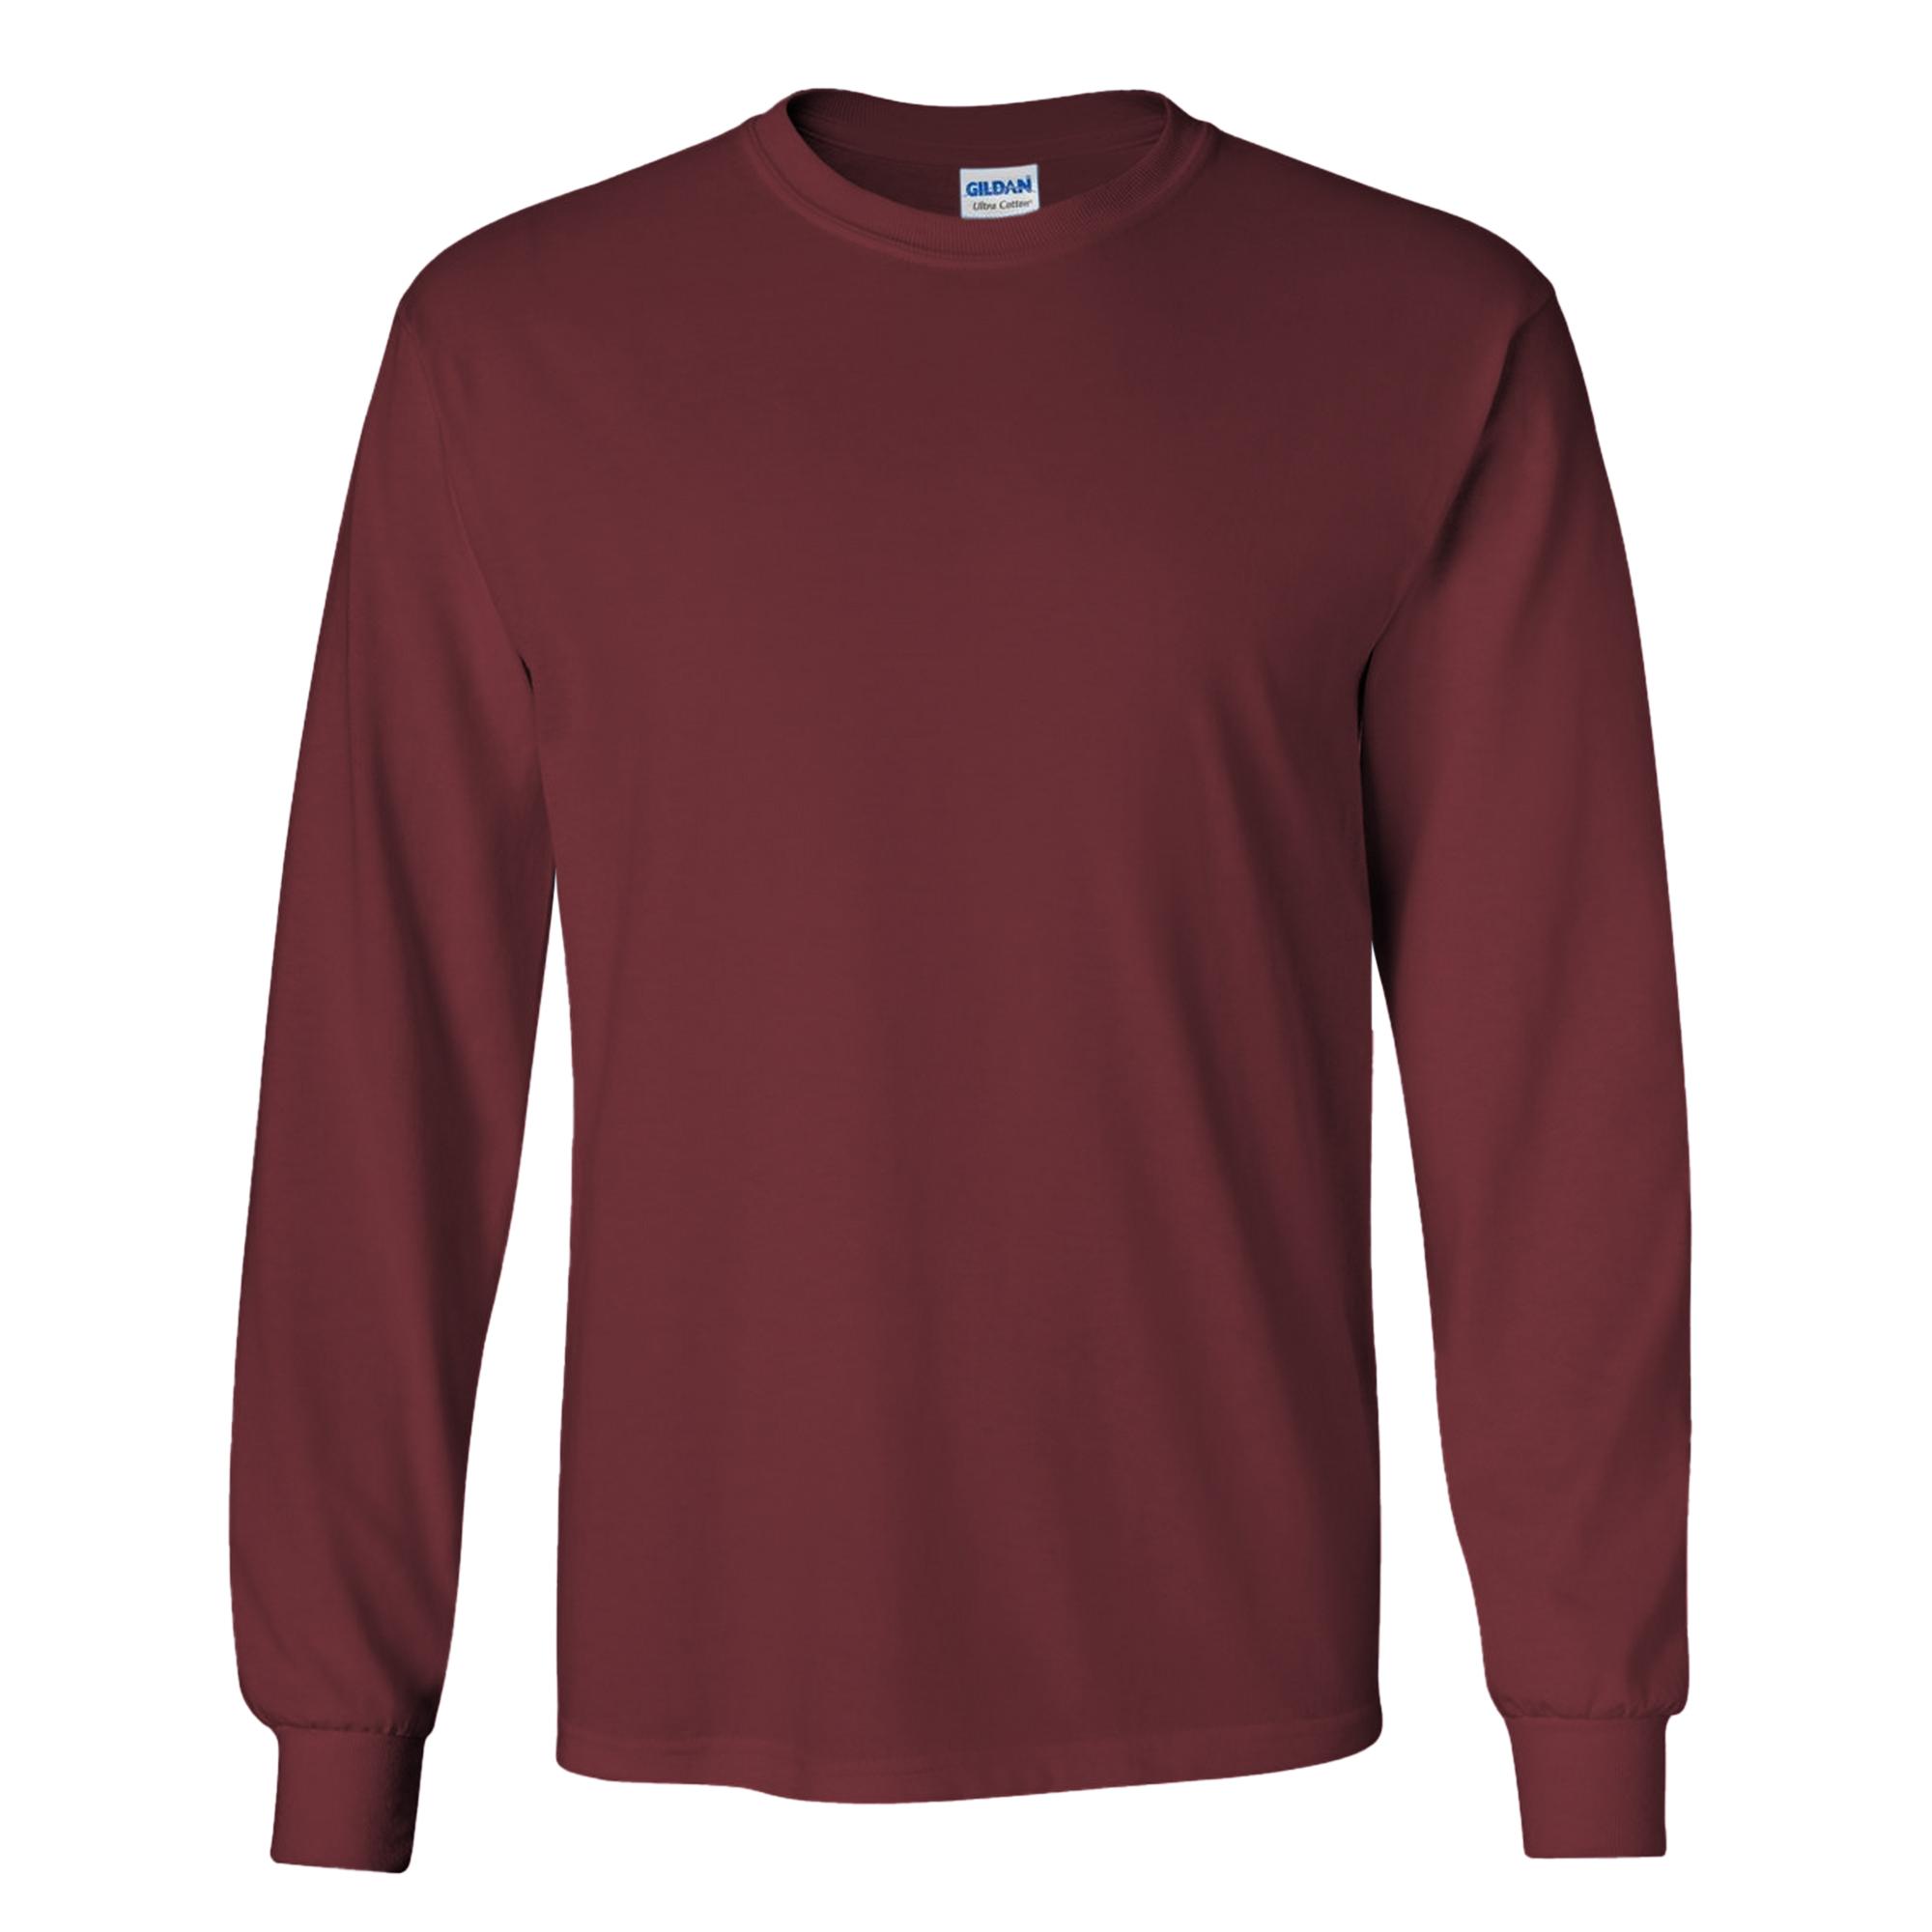 miniature 100 - T-shirt-uni-a-manches-longues-Gildan-100-coton-pour-homme-S-2XL-BC477